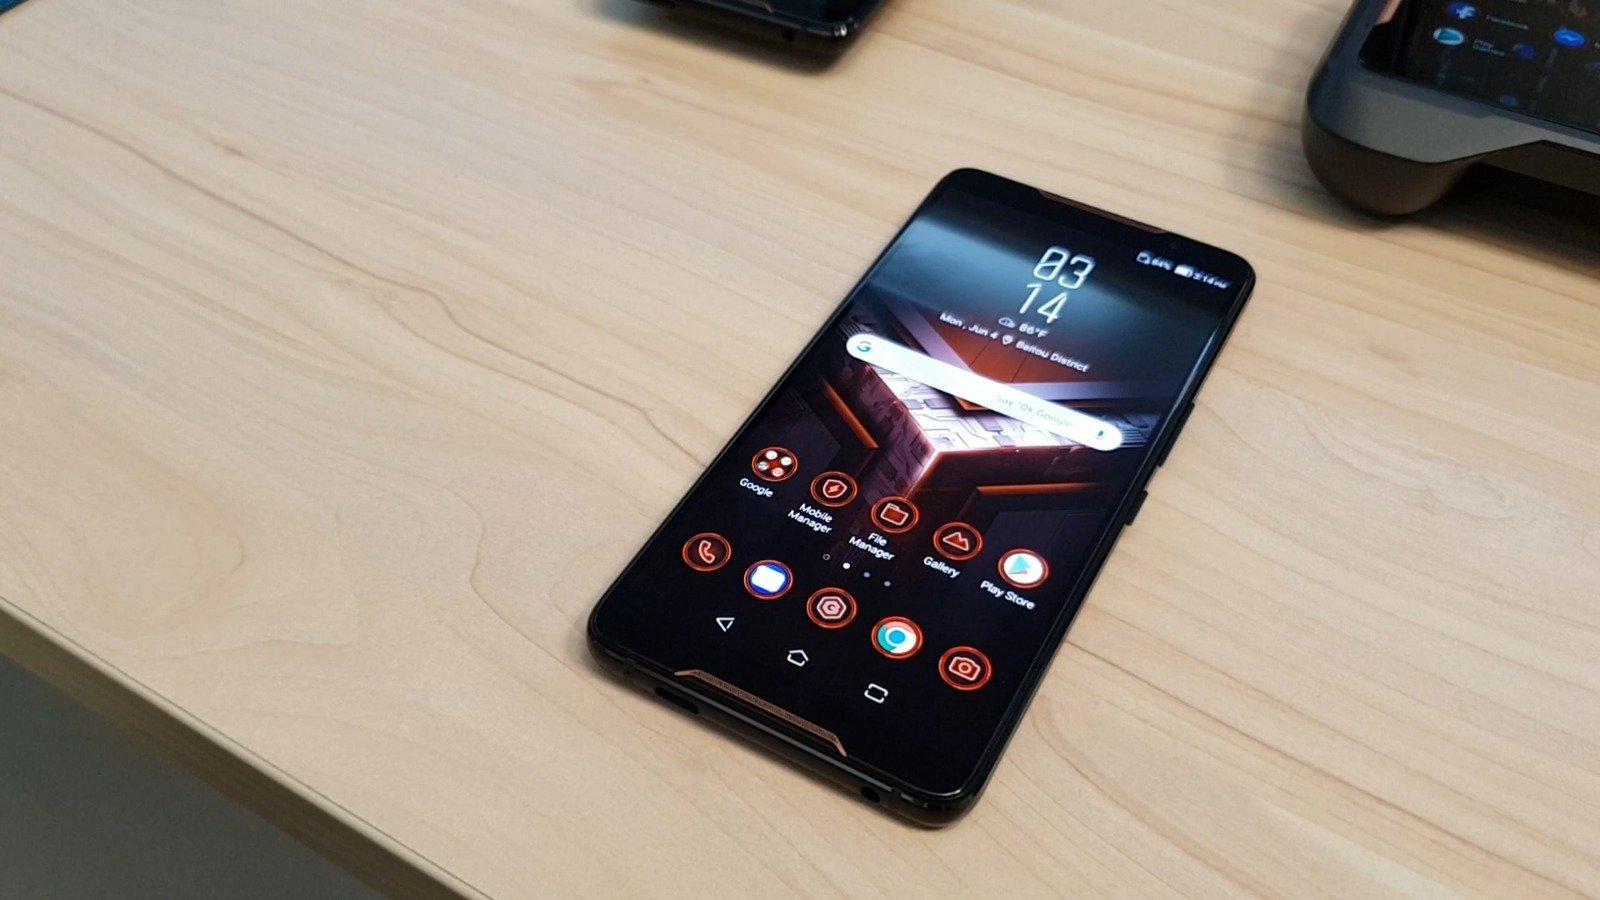 Oyuncular hazır olsun: Asus ROG Telefon bu ay ABD'ye geliyor